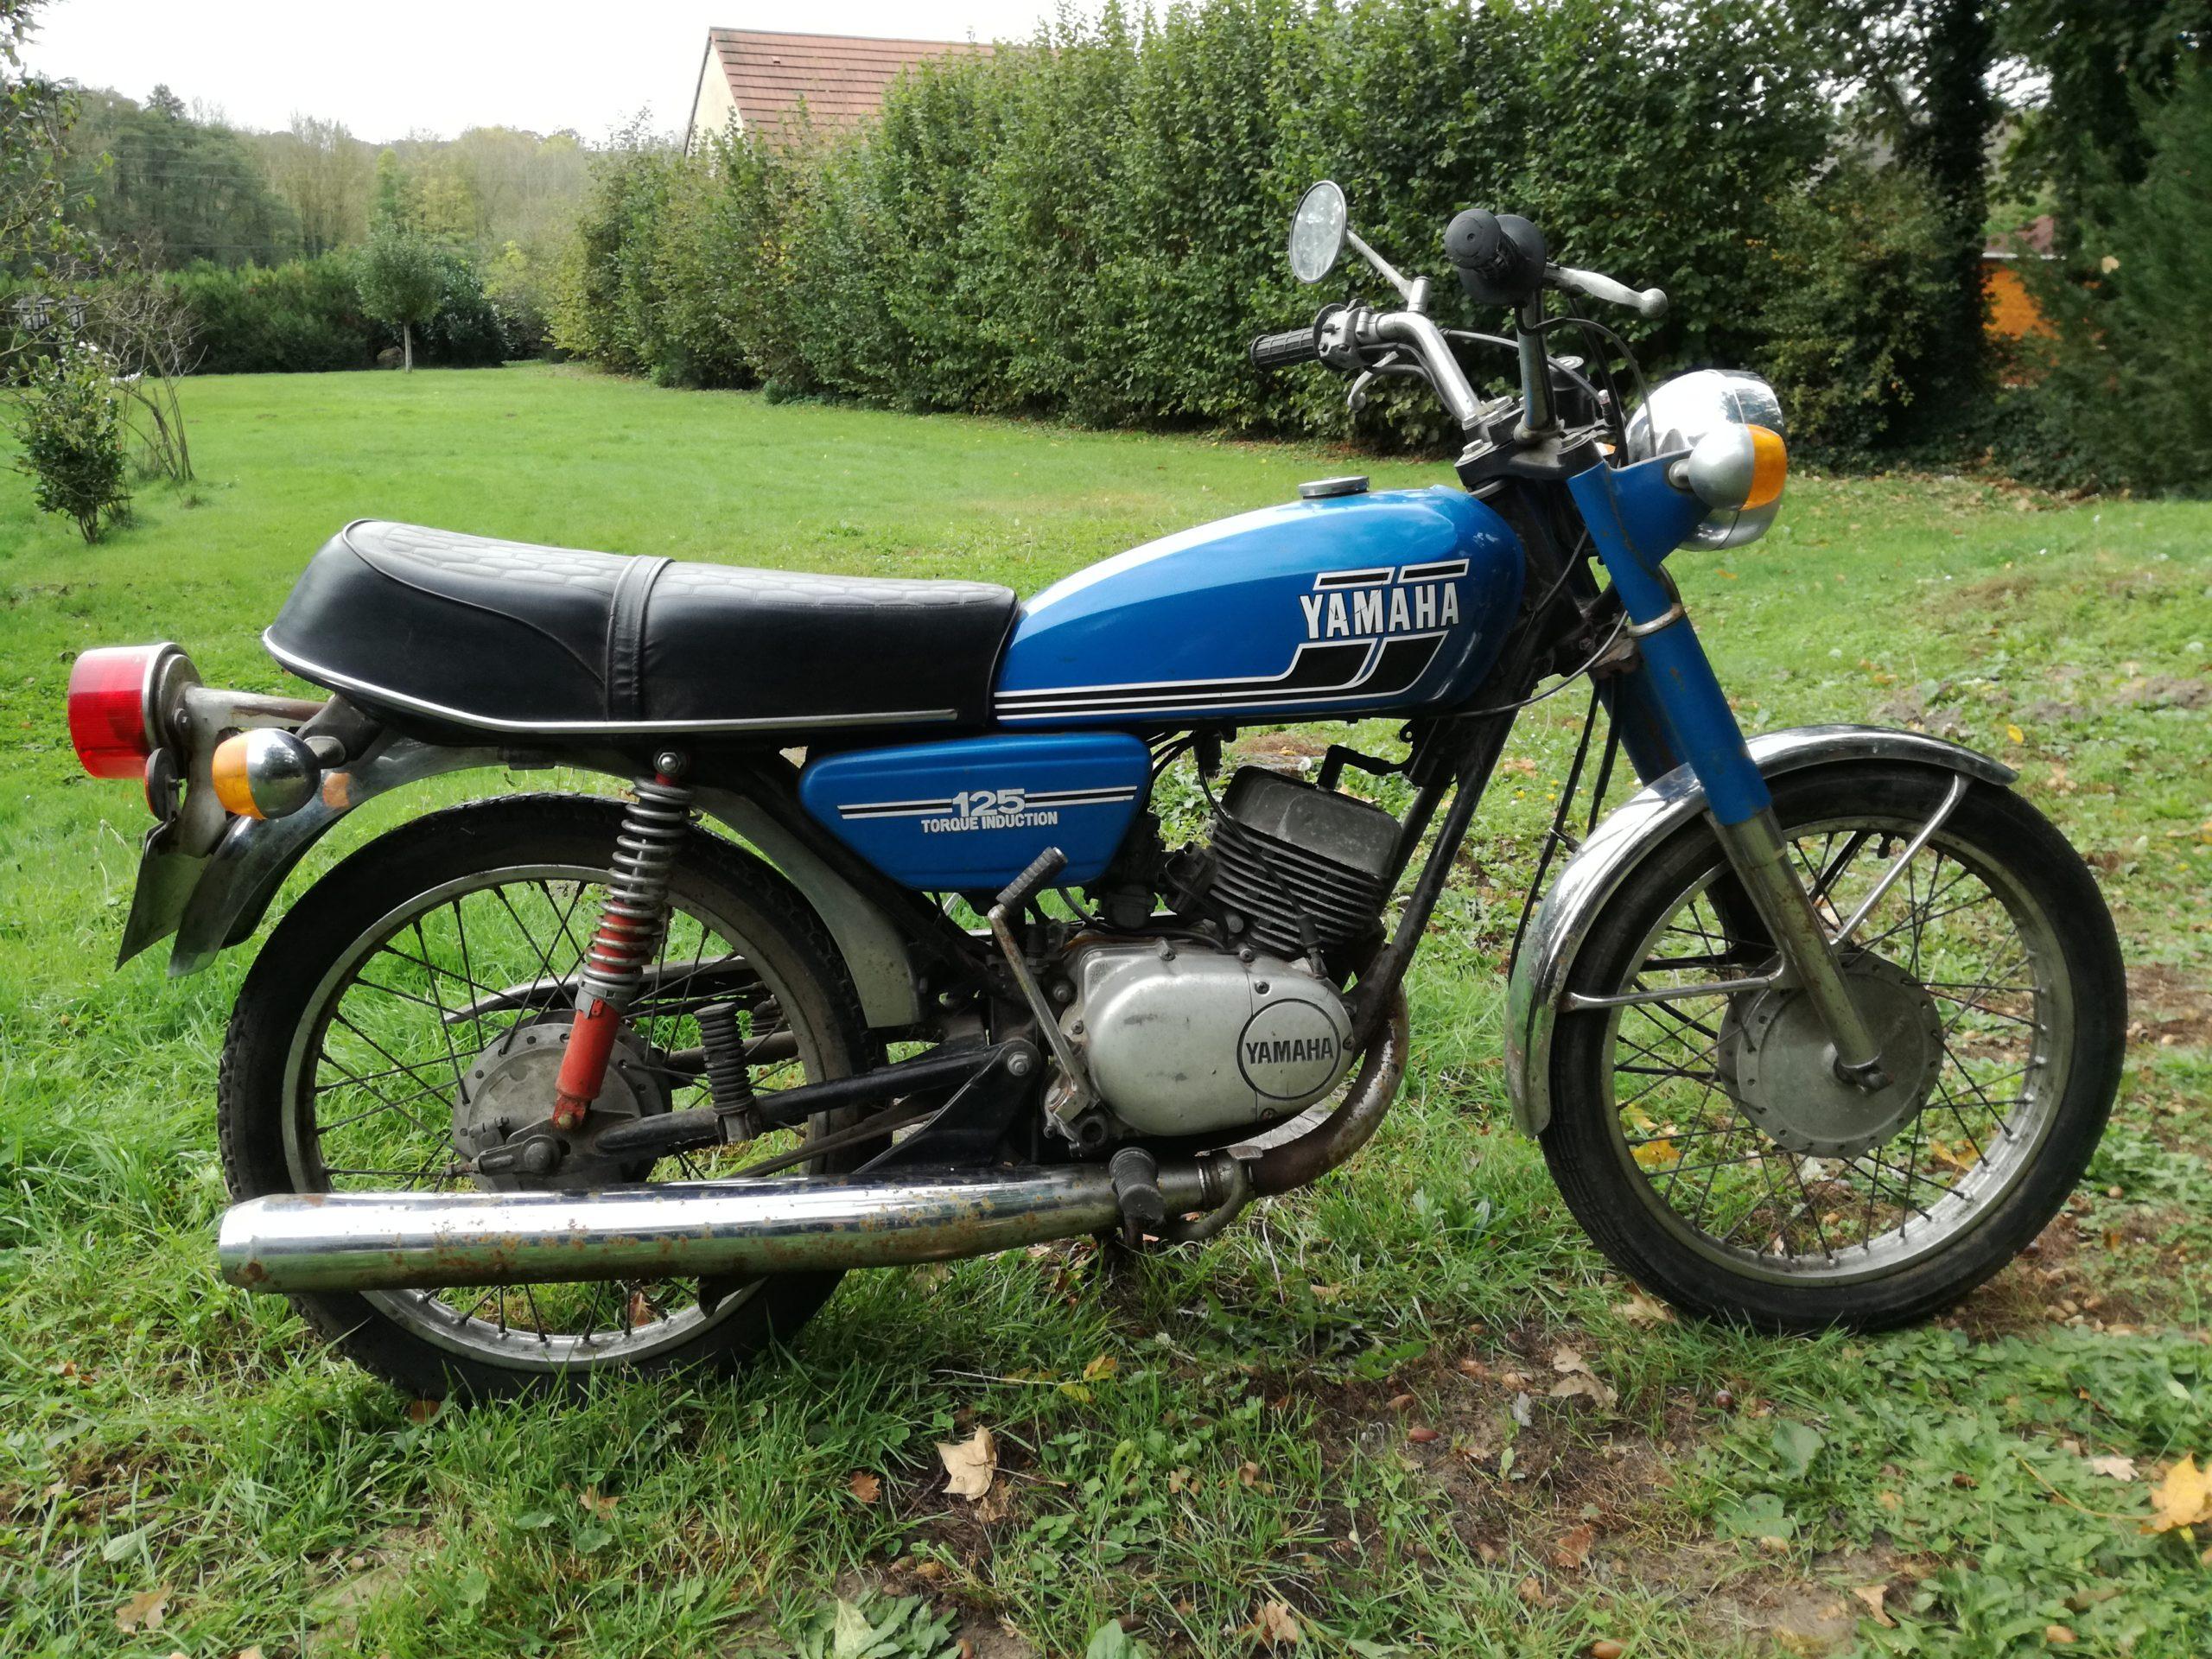 YAMAHA RS 125 1975